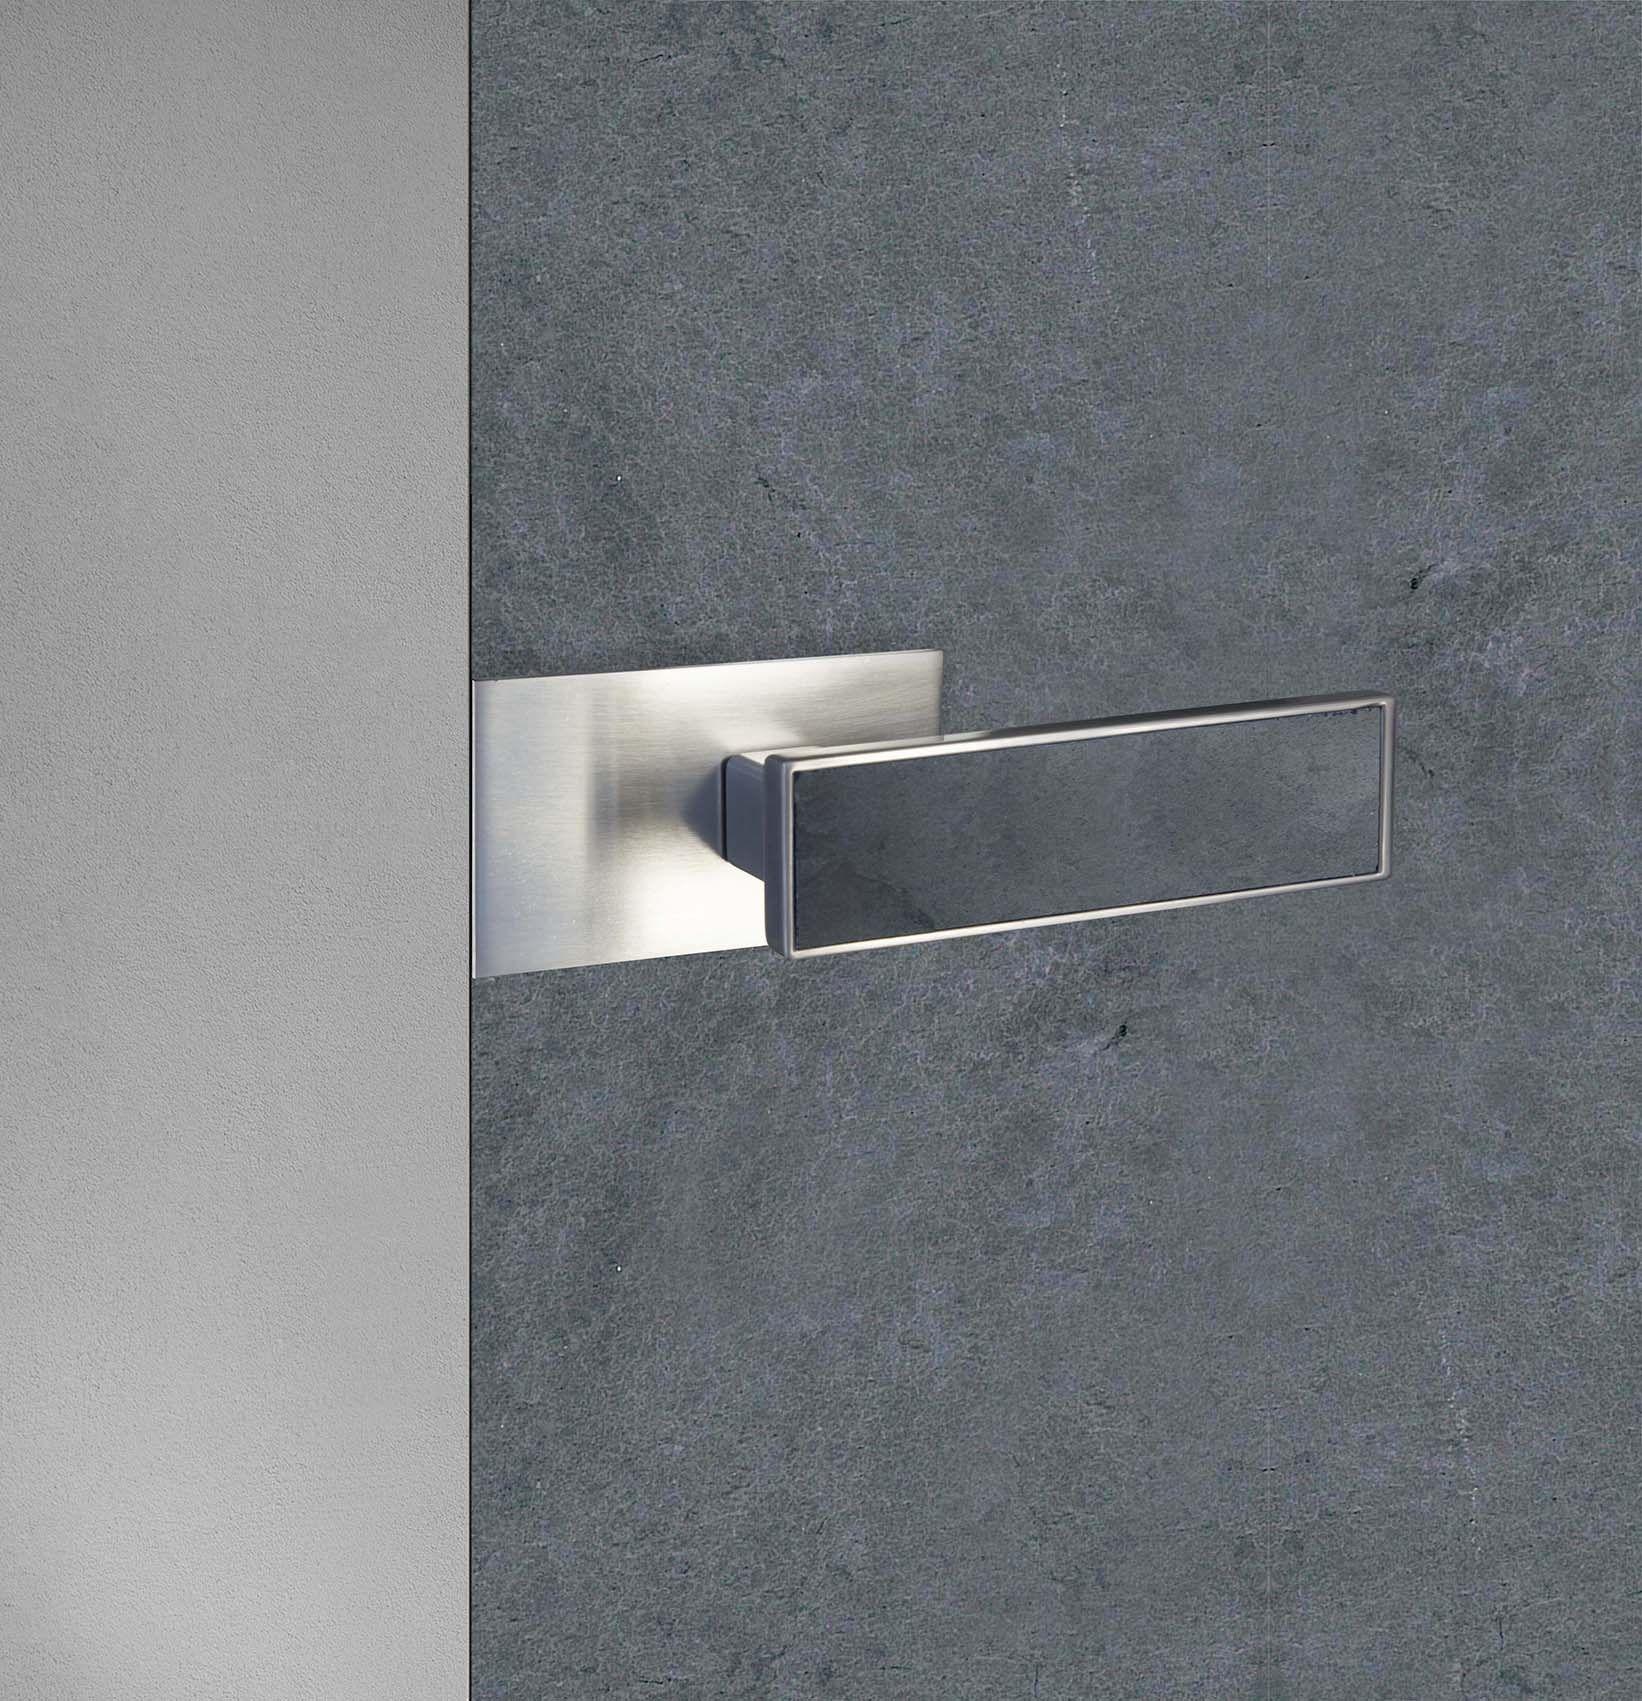 Filomuro style porta a filo muro by adielle - Porta a muro ...